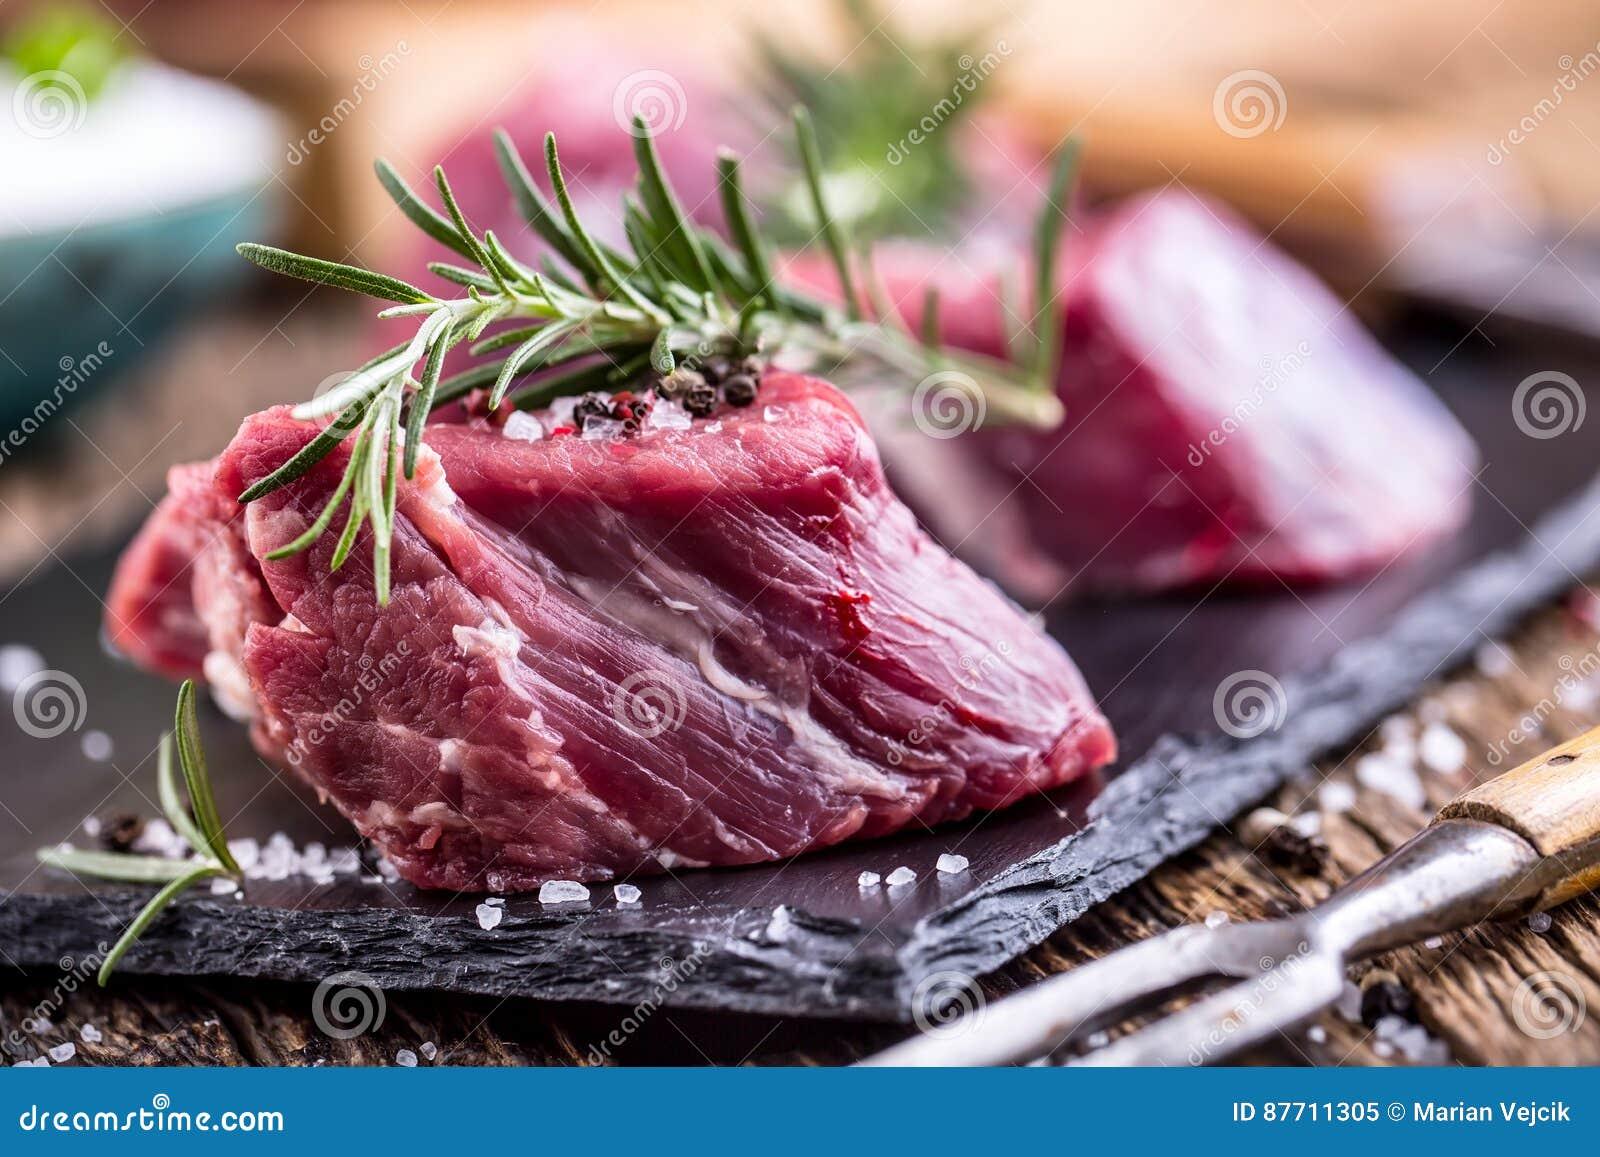 Carne crua da carne O bife cru do lombinho de carne em uma placa de corte com alecrins salpica o sal em outras posições